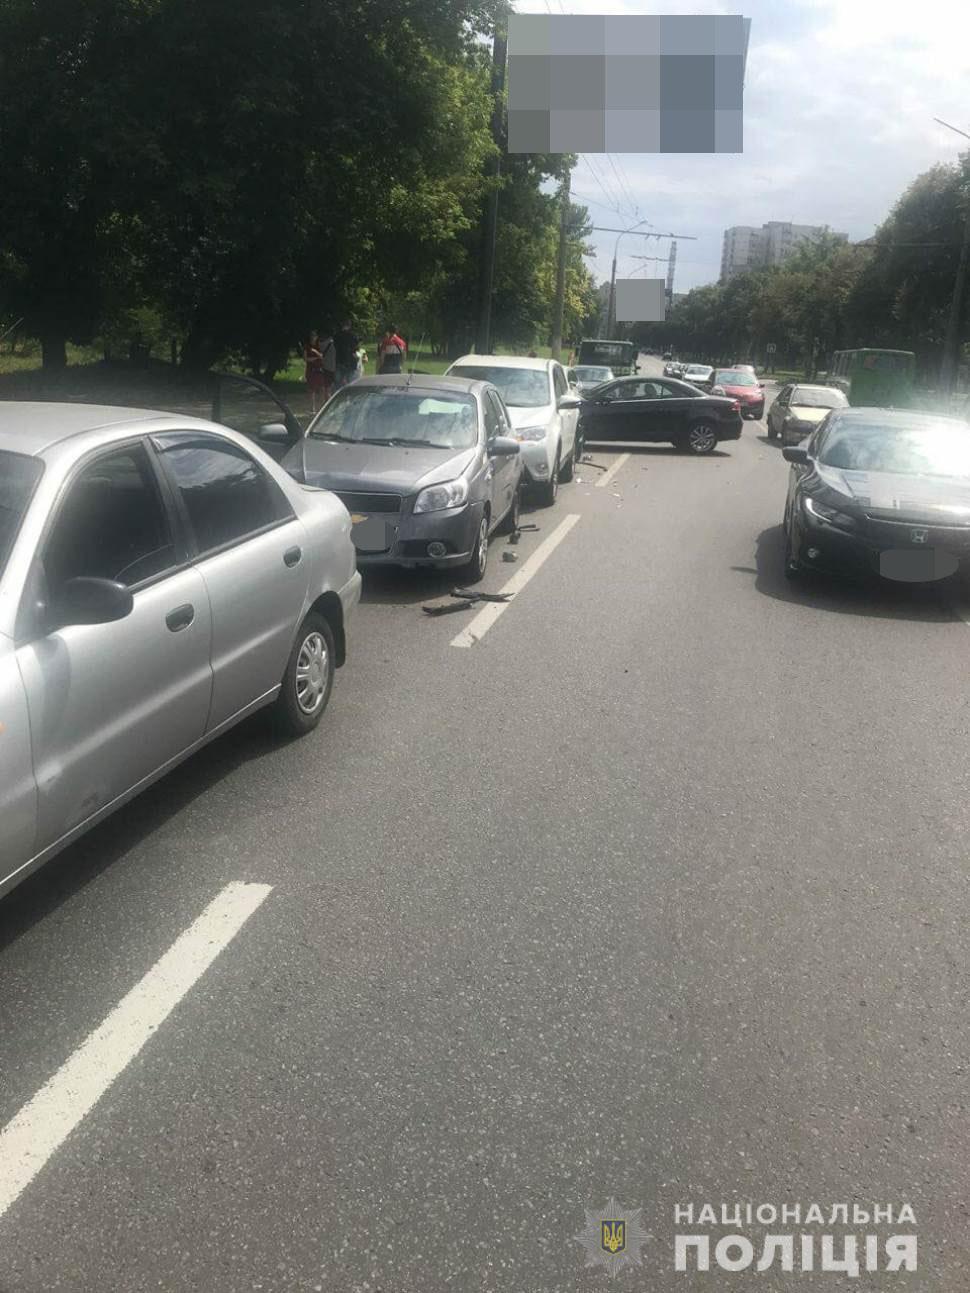 В Харькове произошло ДТП с пятью машинами / фото Нацполіція